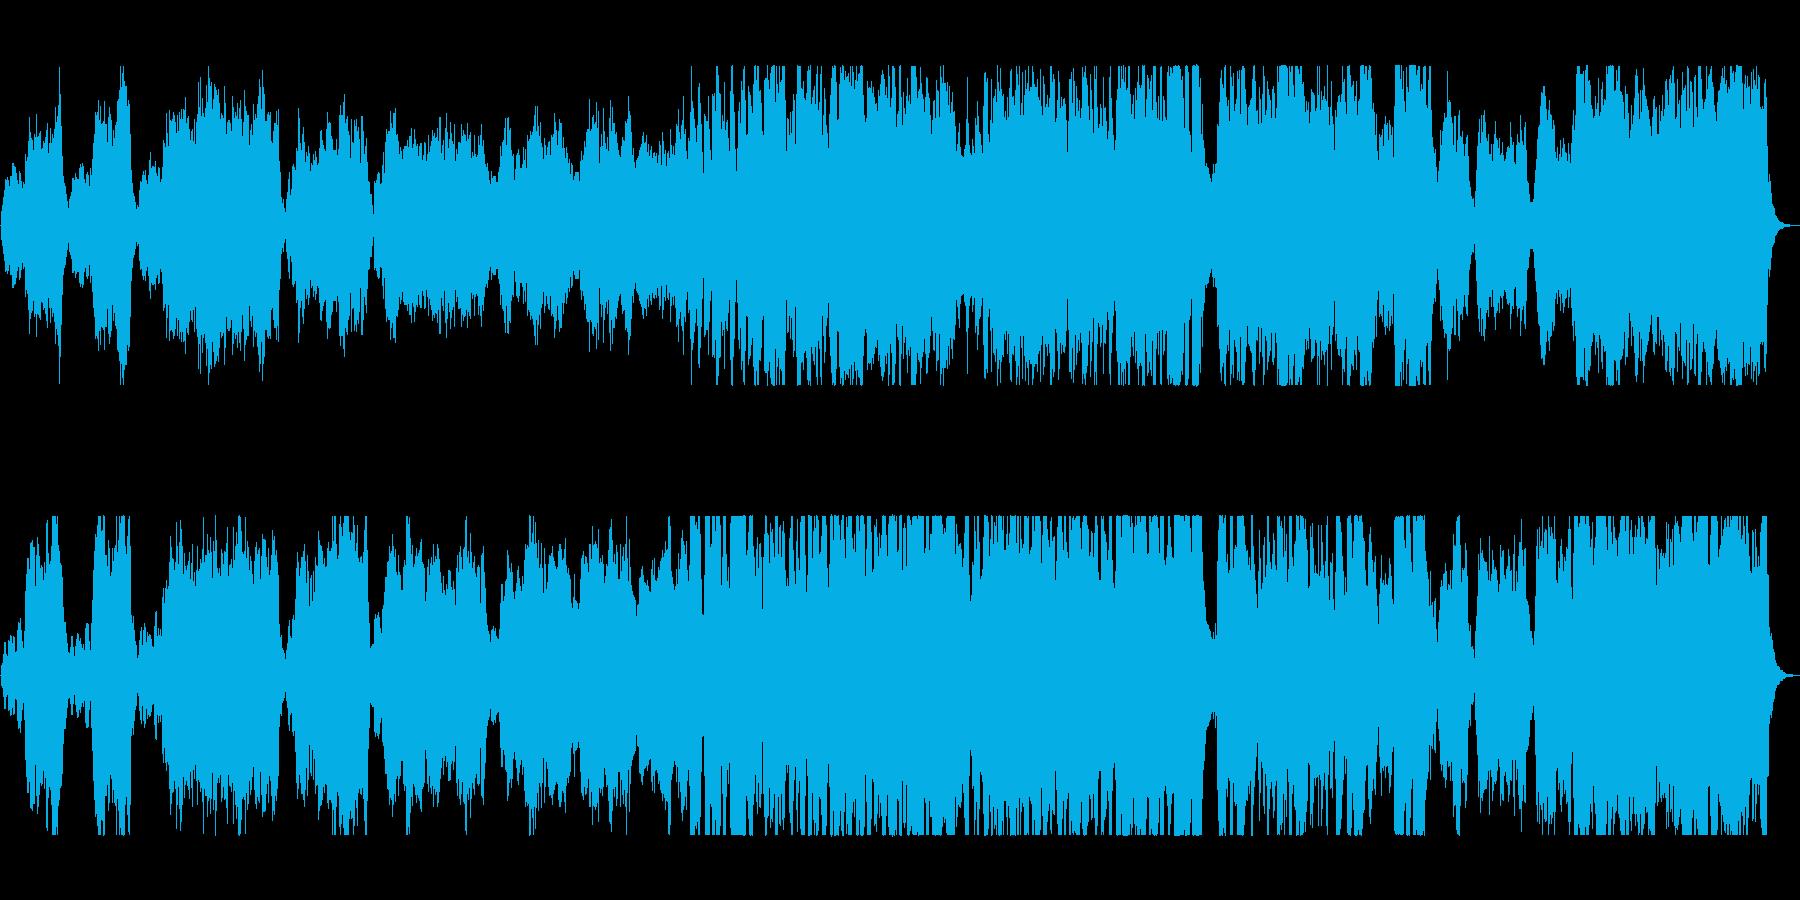 壮大で豪華なシンセ管弦楽器サウンドの再生済みの波形